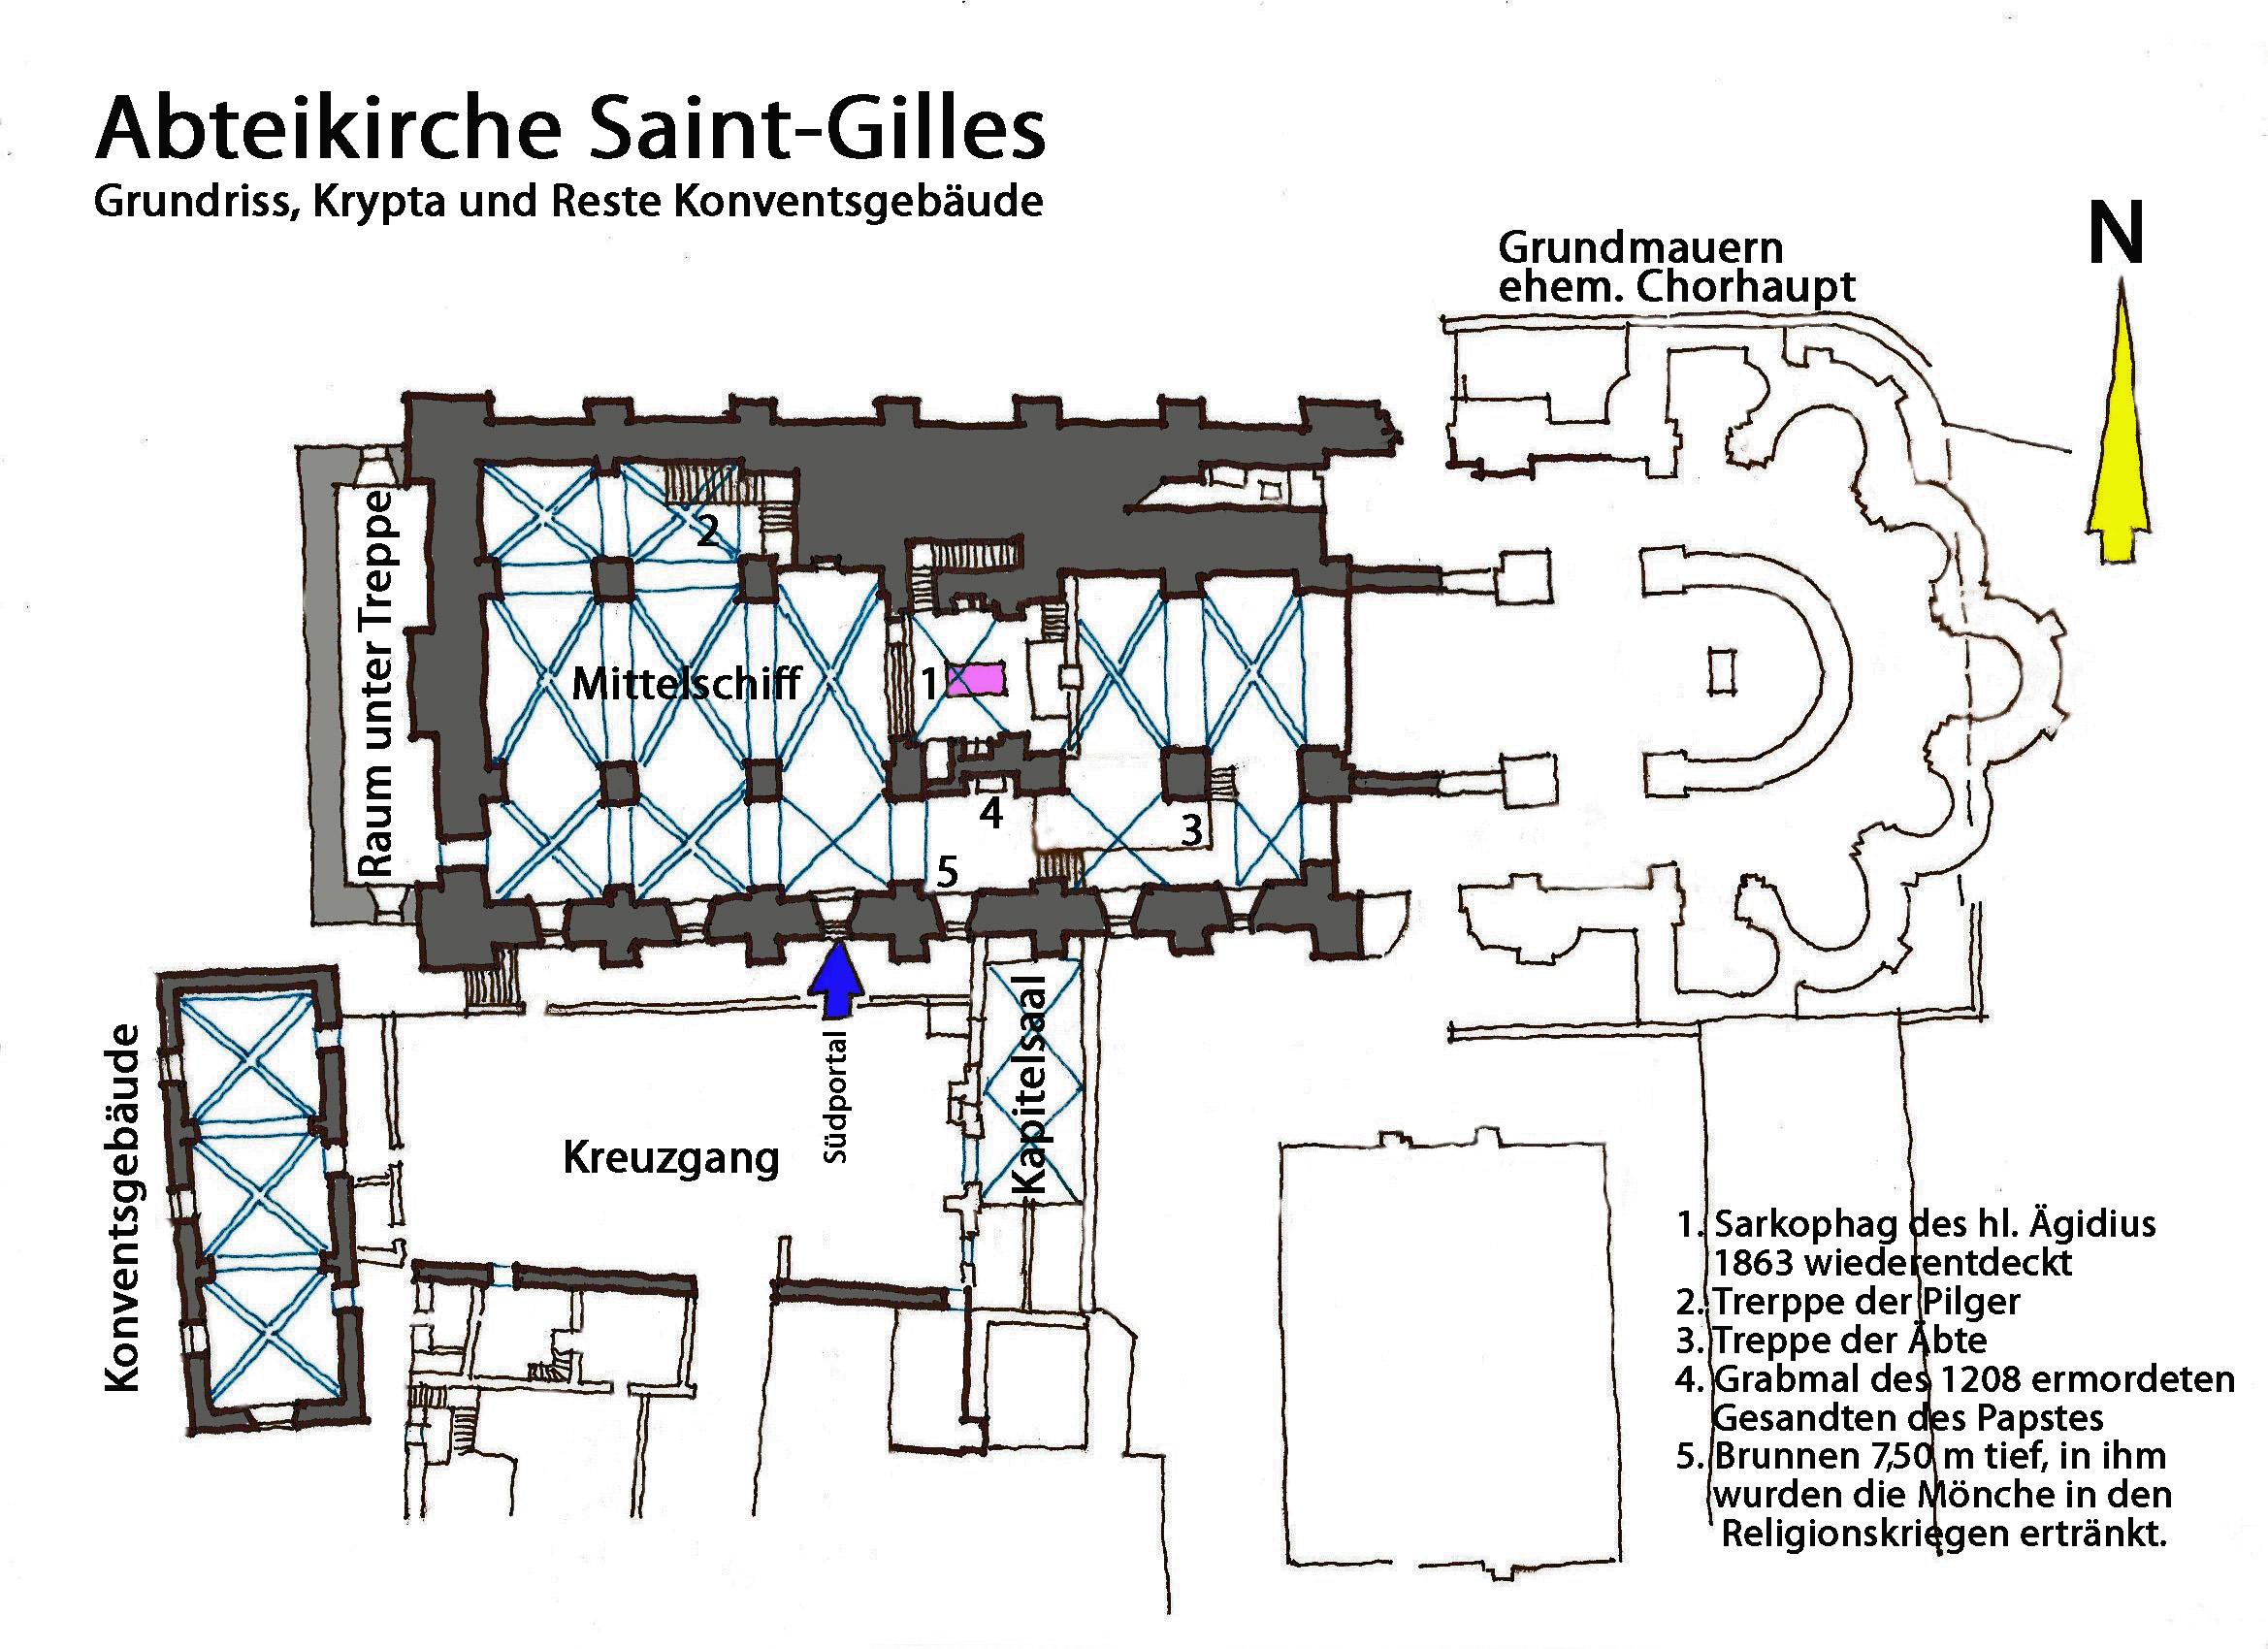 File Abteikirche Saint Gilles Grundriss Krypta Reste Konventsgebäude Jpg